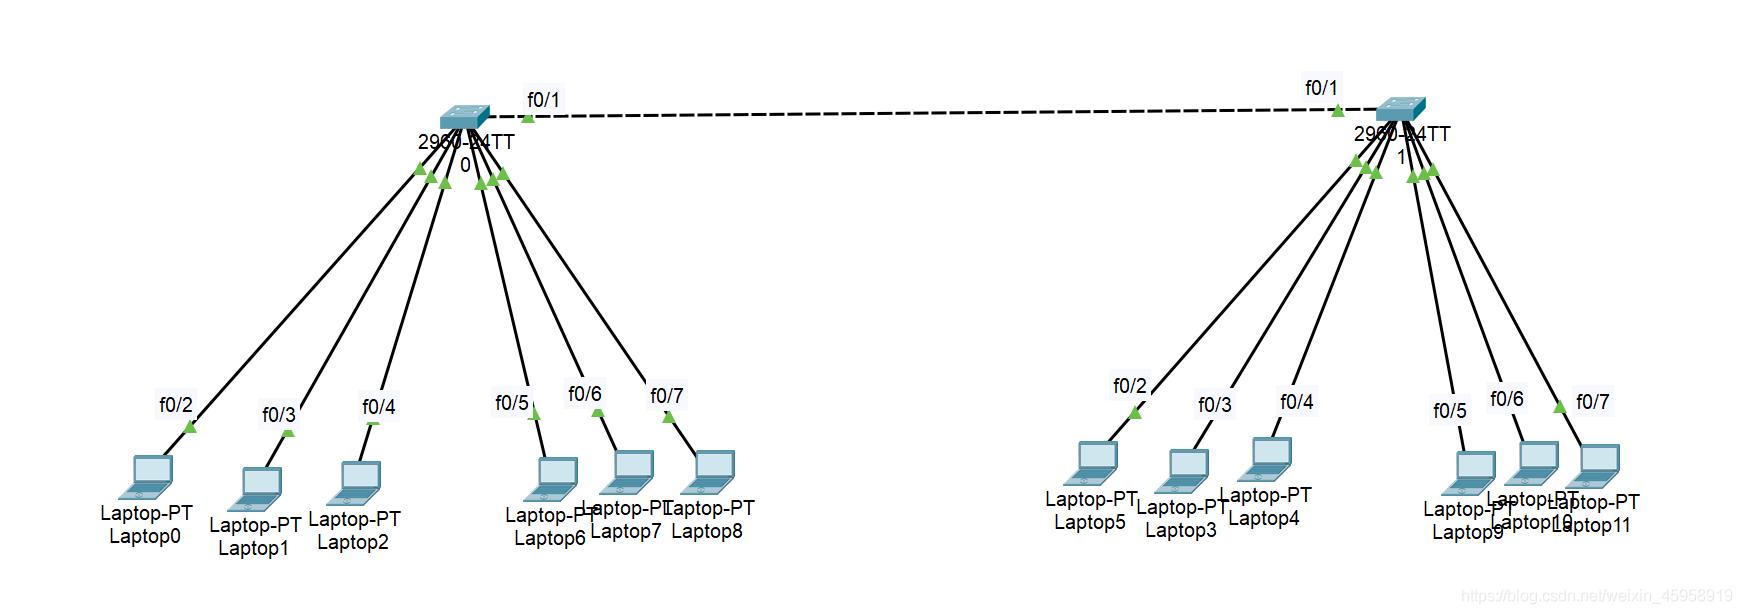 一个简单的VLAN划分,将终端0-2和9-11划分为 vanl 1 ,其余的划分为vlan 2